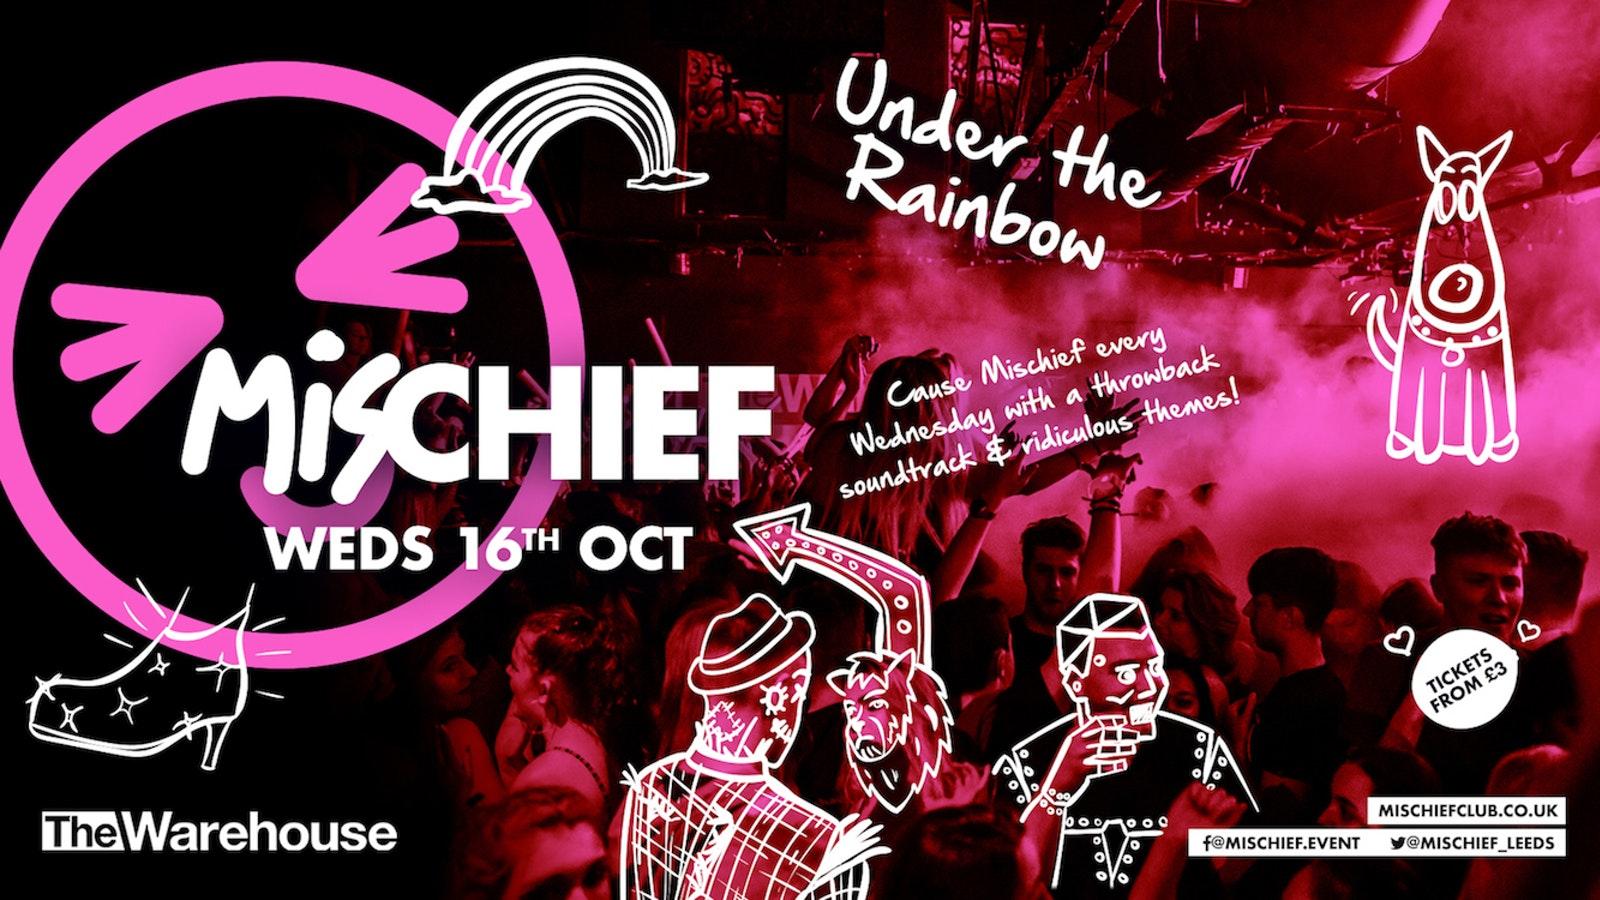 Mischief   Under the Rainbow